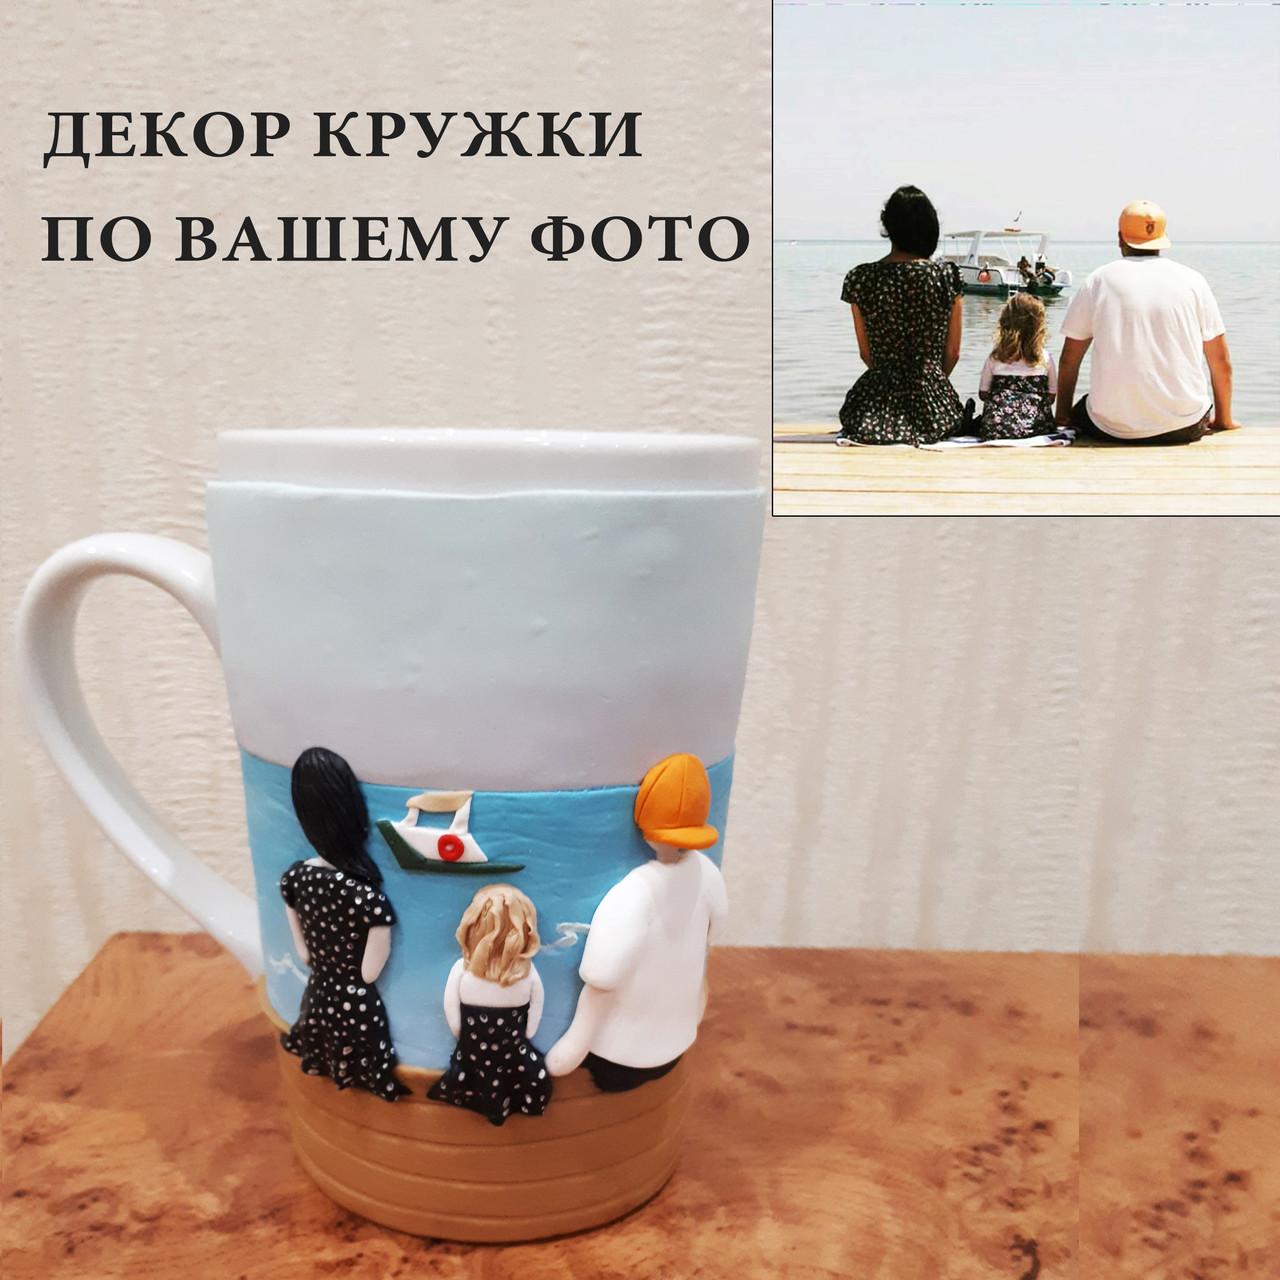 Подарки на 8 марта Ваше фото на чашке